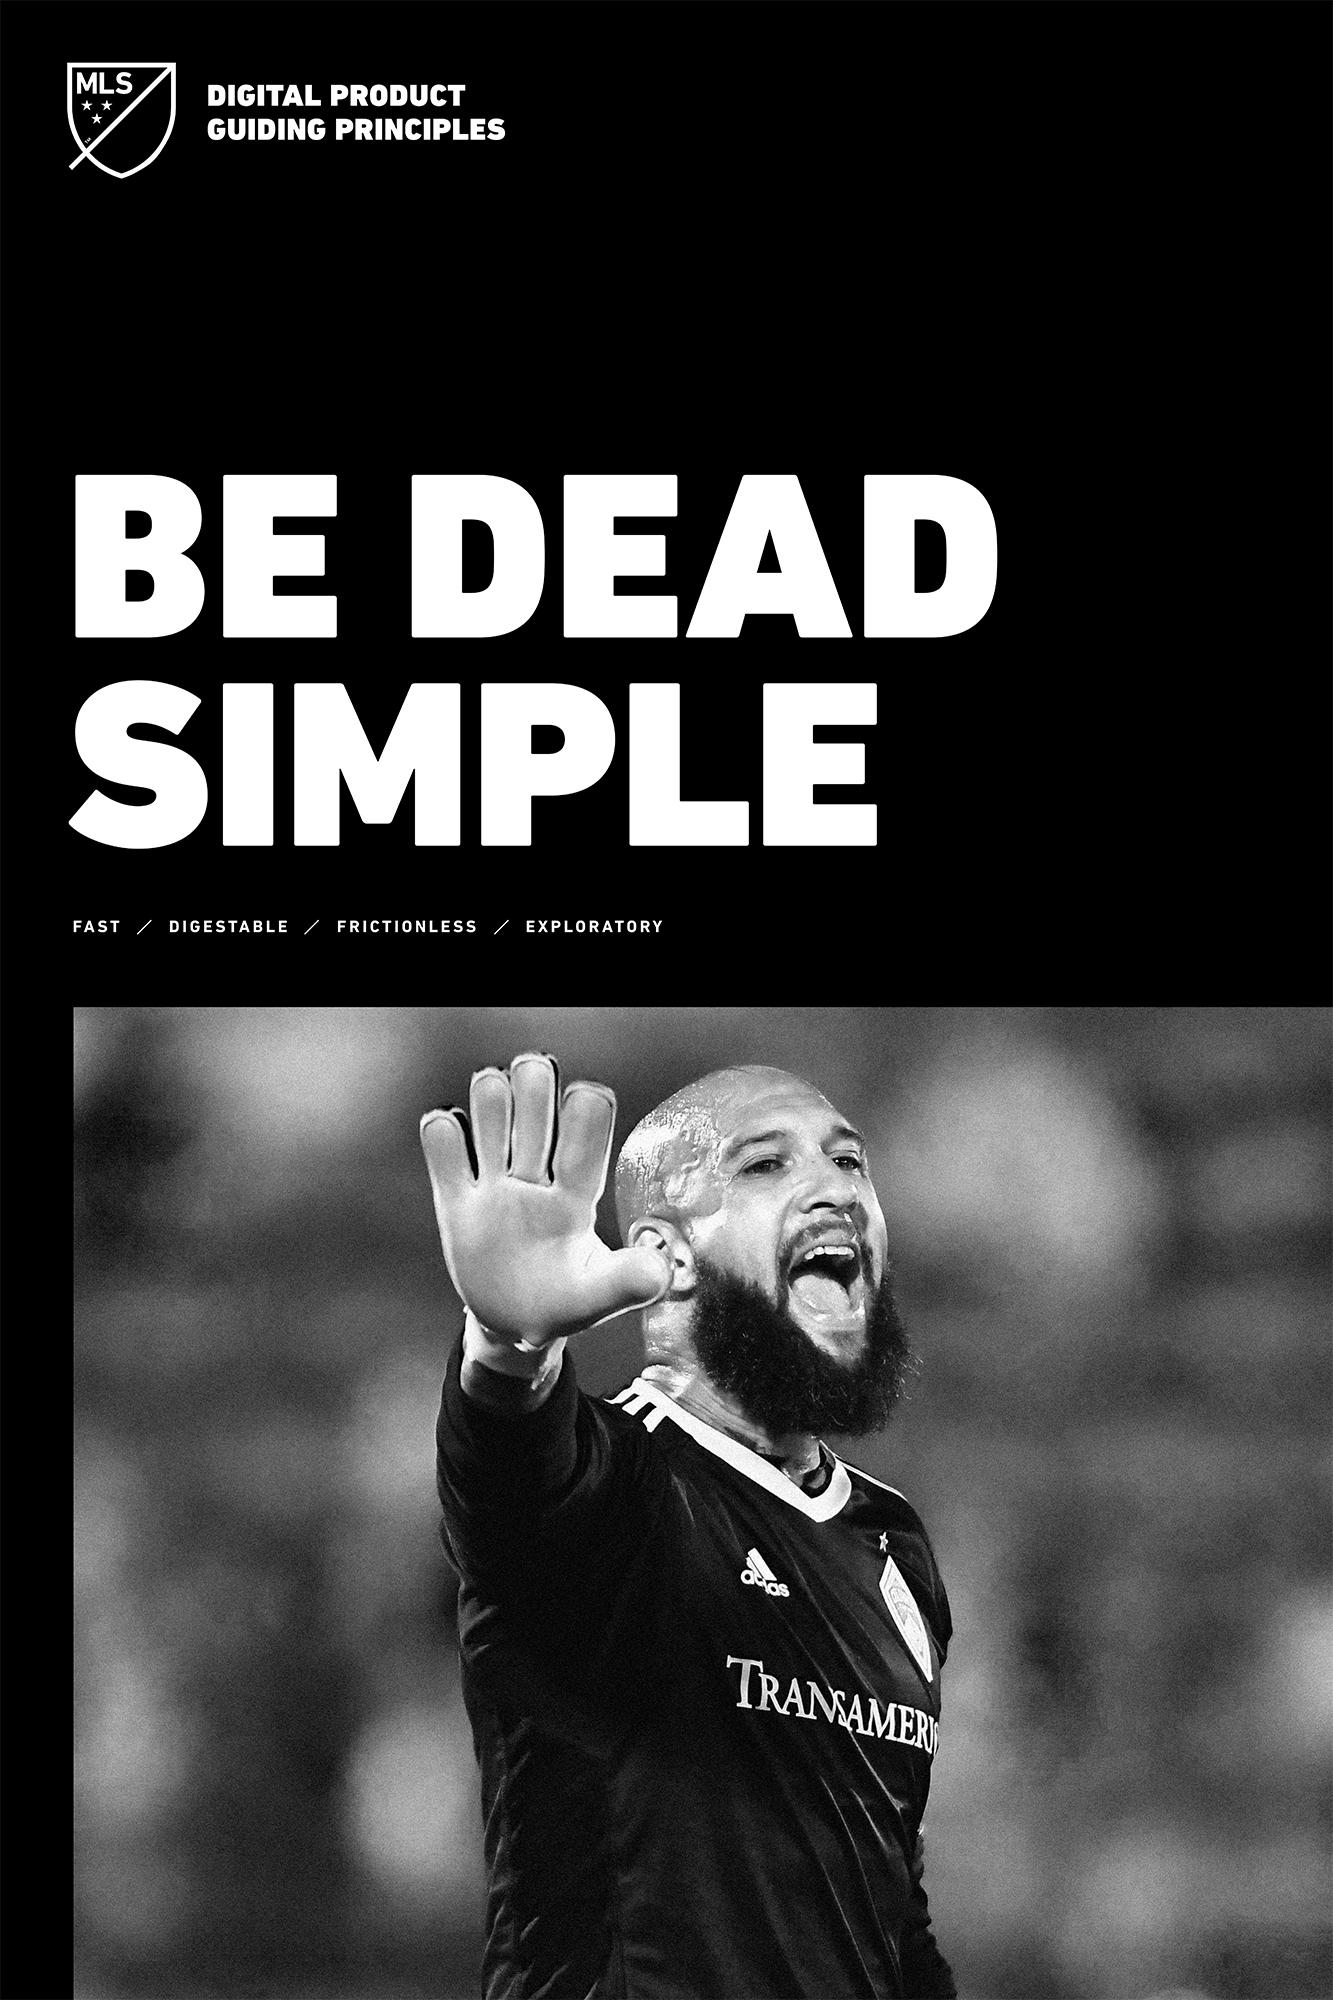 Principles-DEAD-SIMPLE.jpg